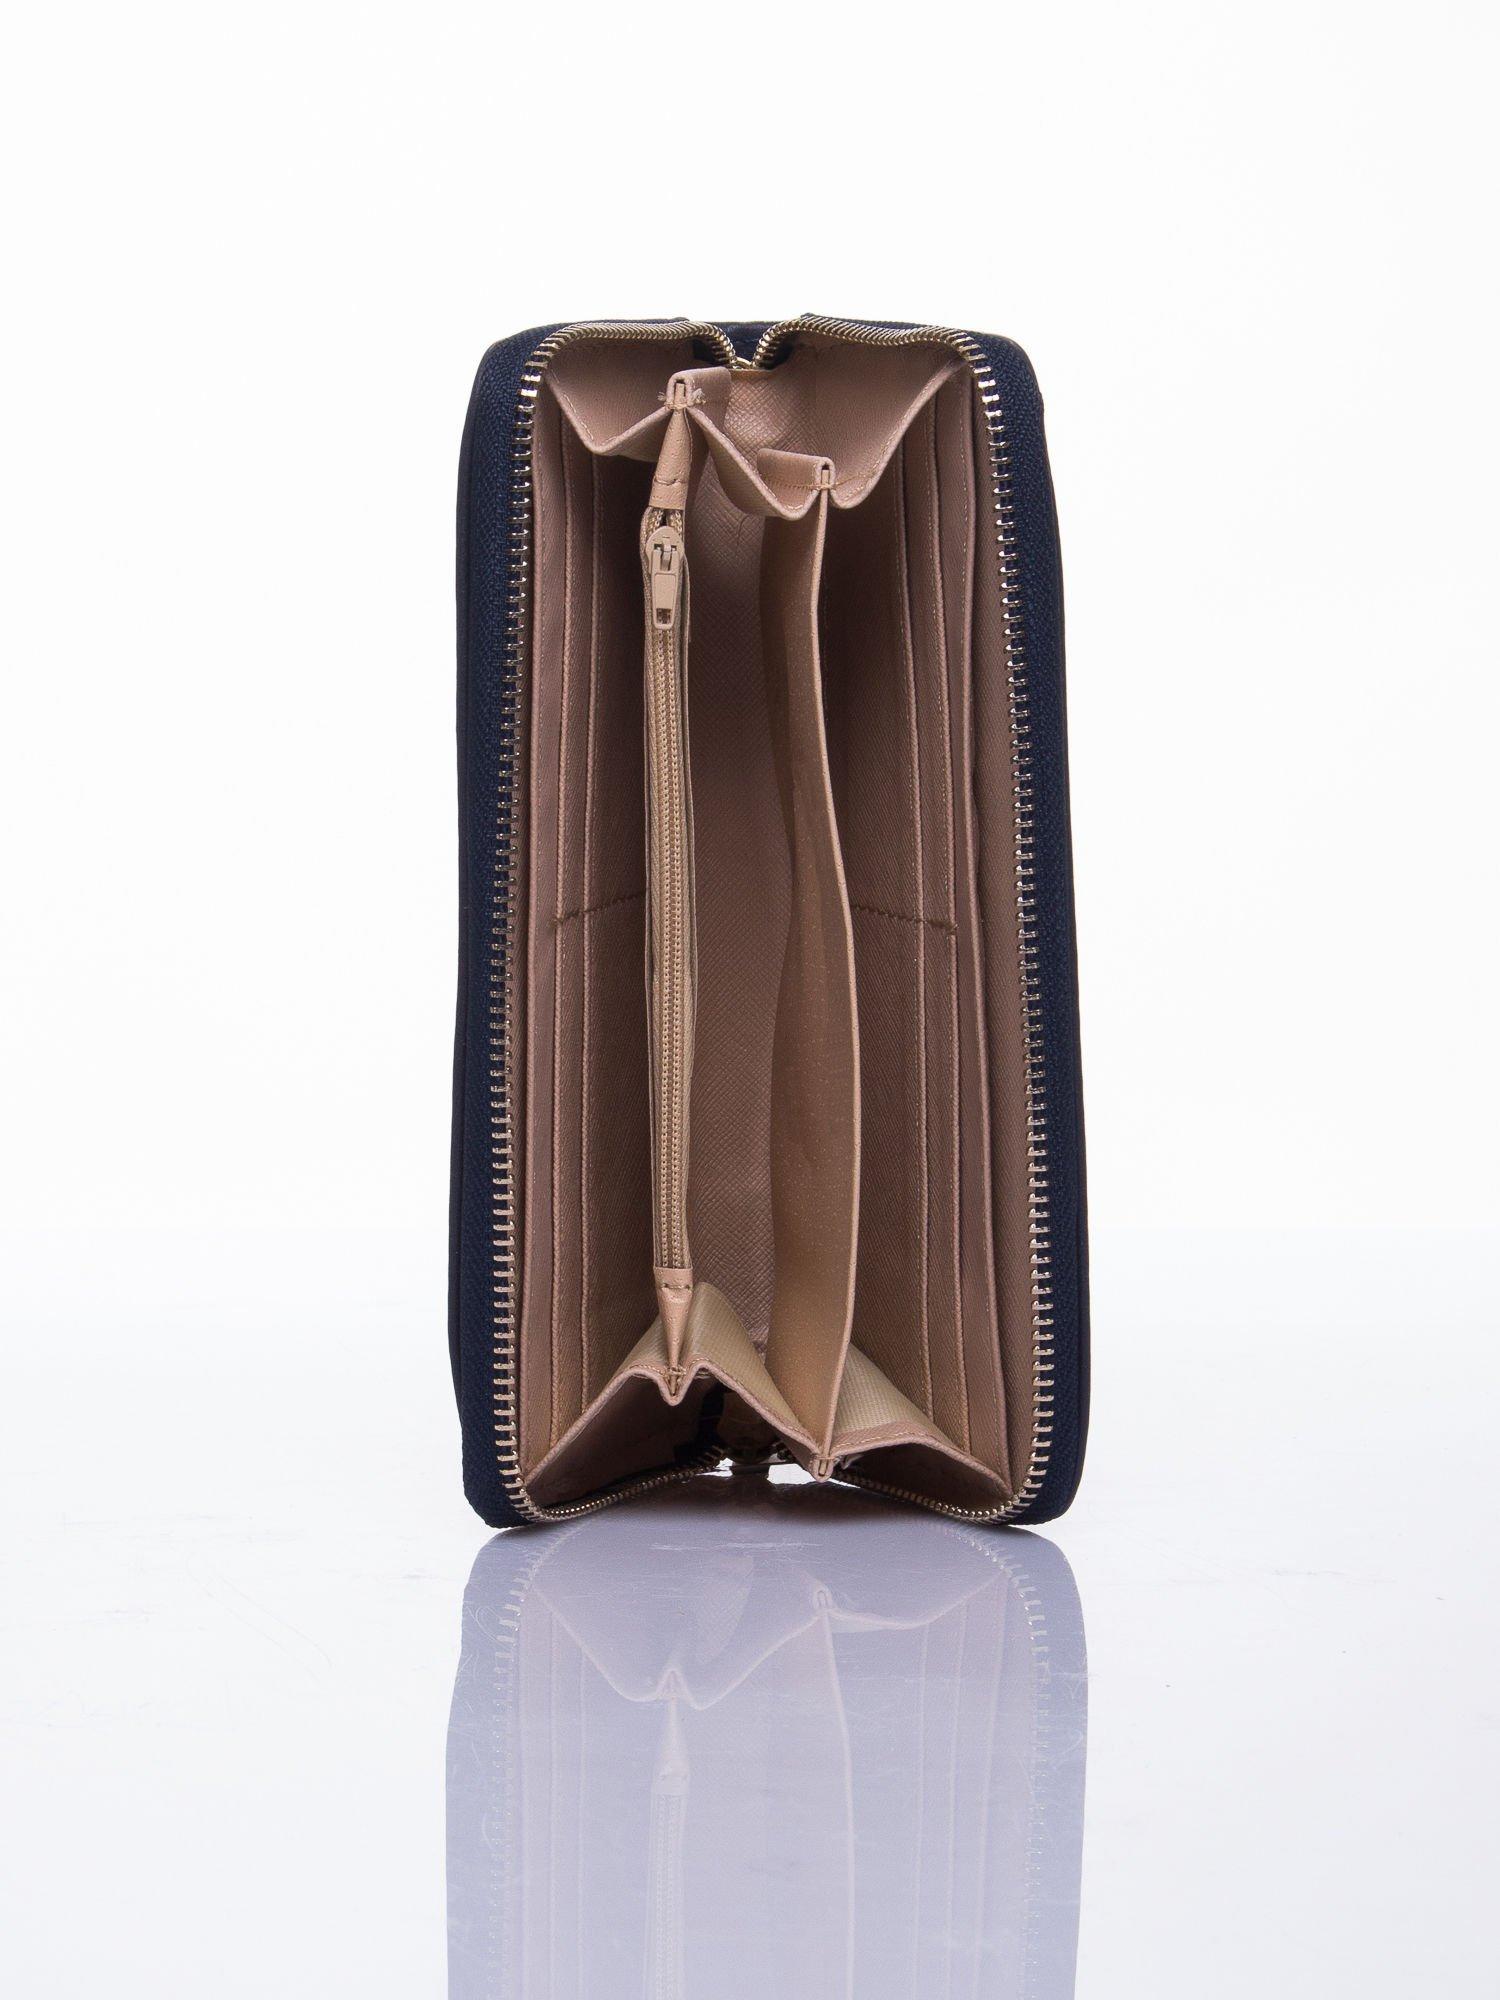 Granatowy portfel z uchwytem na rękę i złotym logiem                                  zdj.                                  3